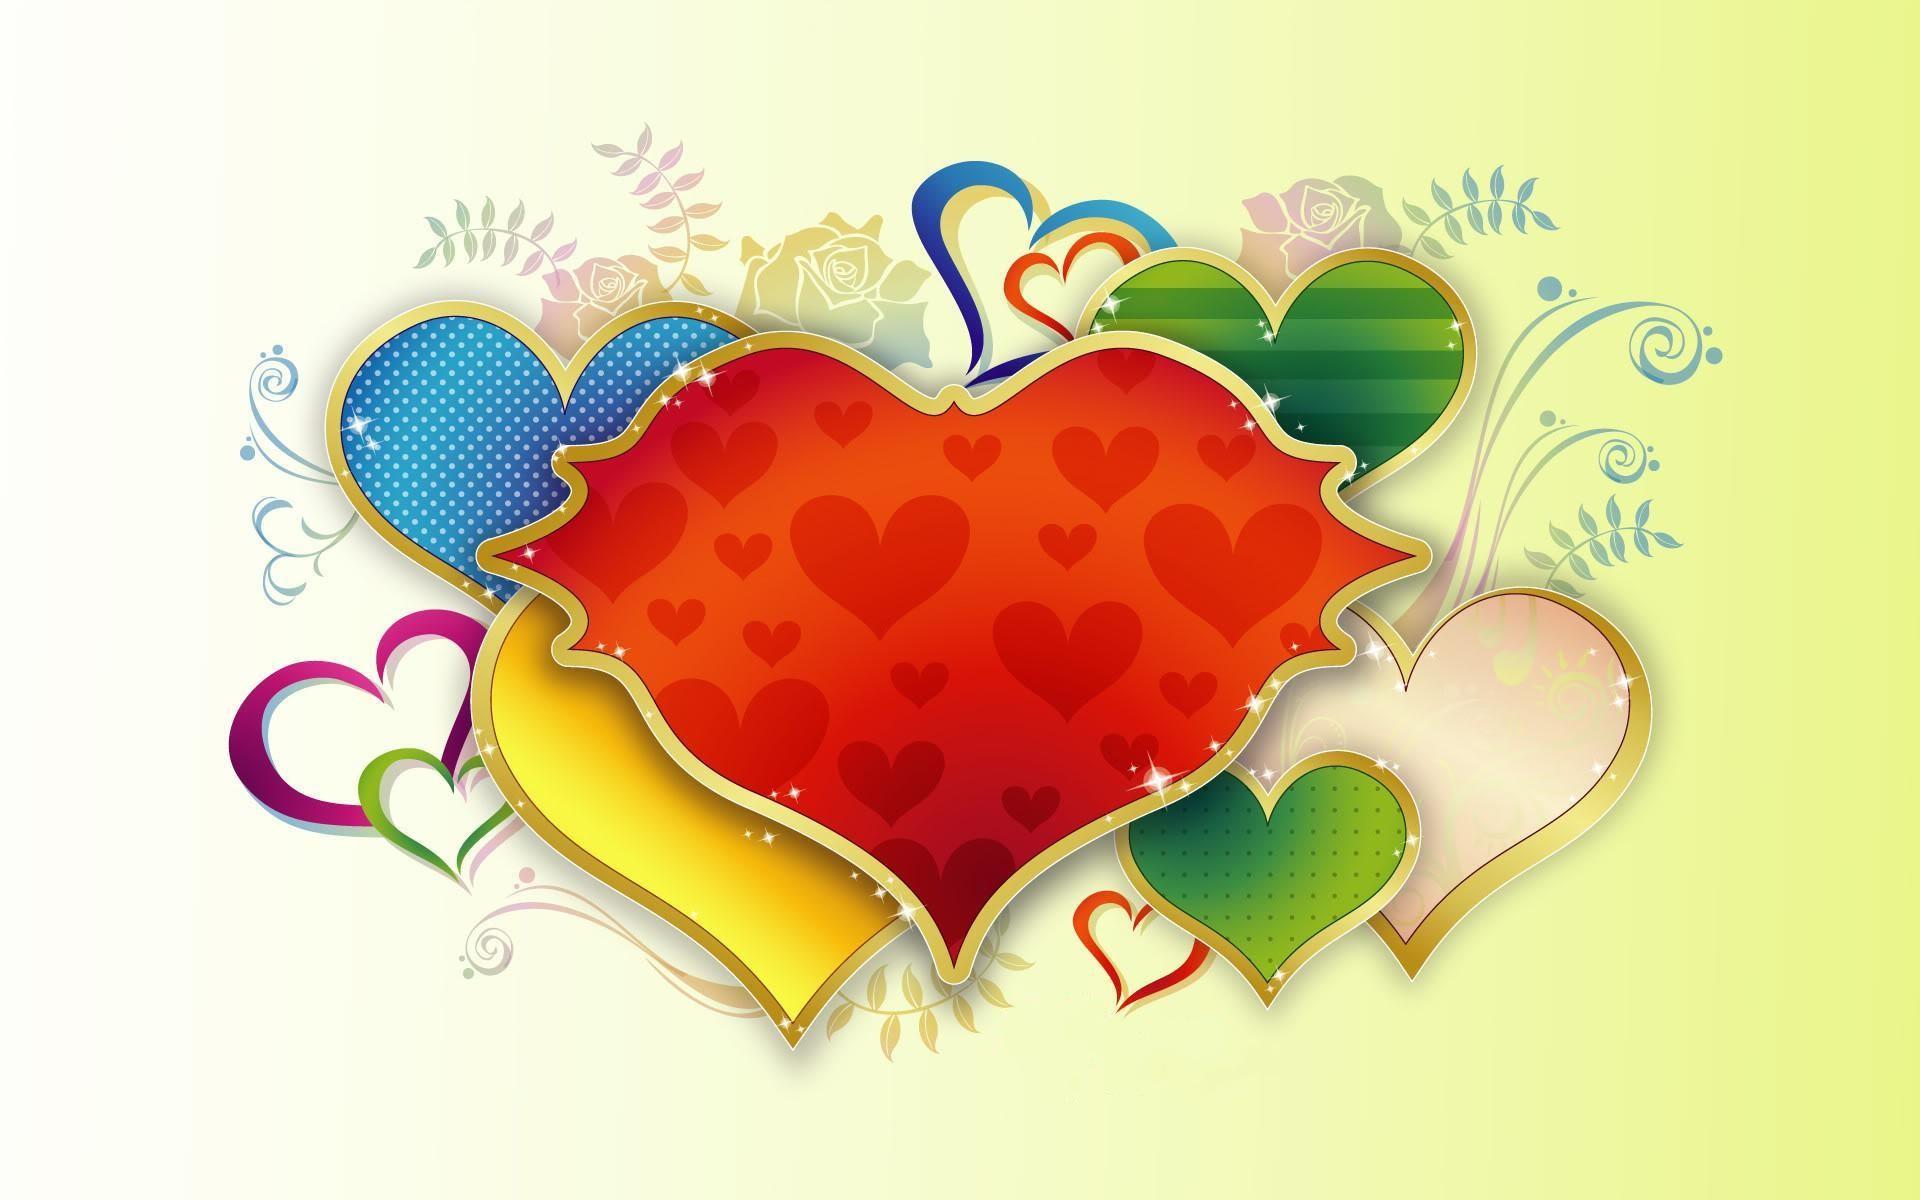 Imagen creativa de amor - 1920x1200